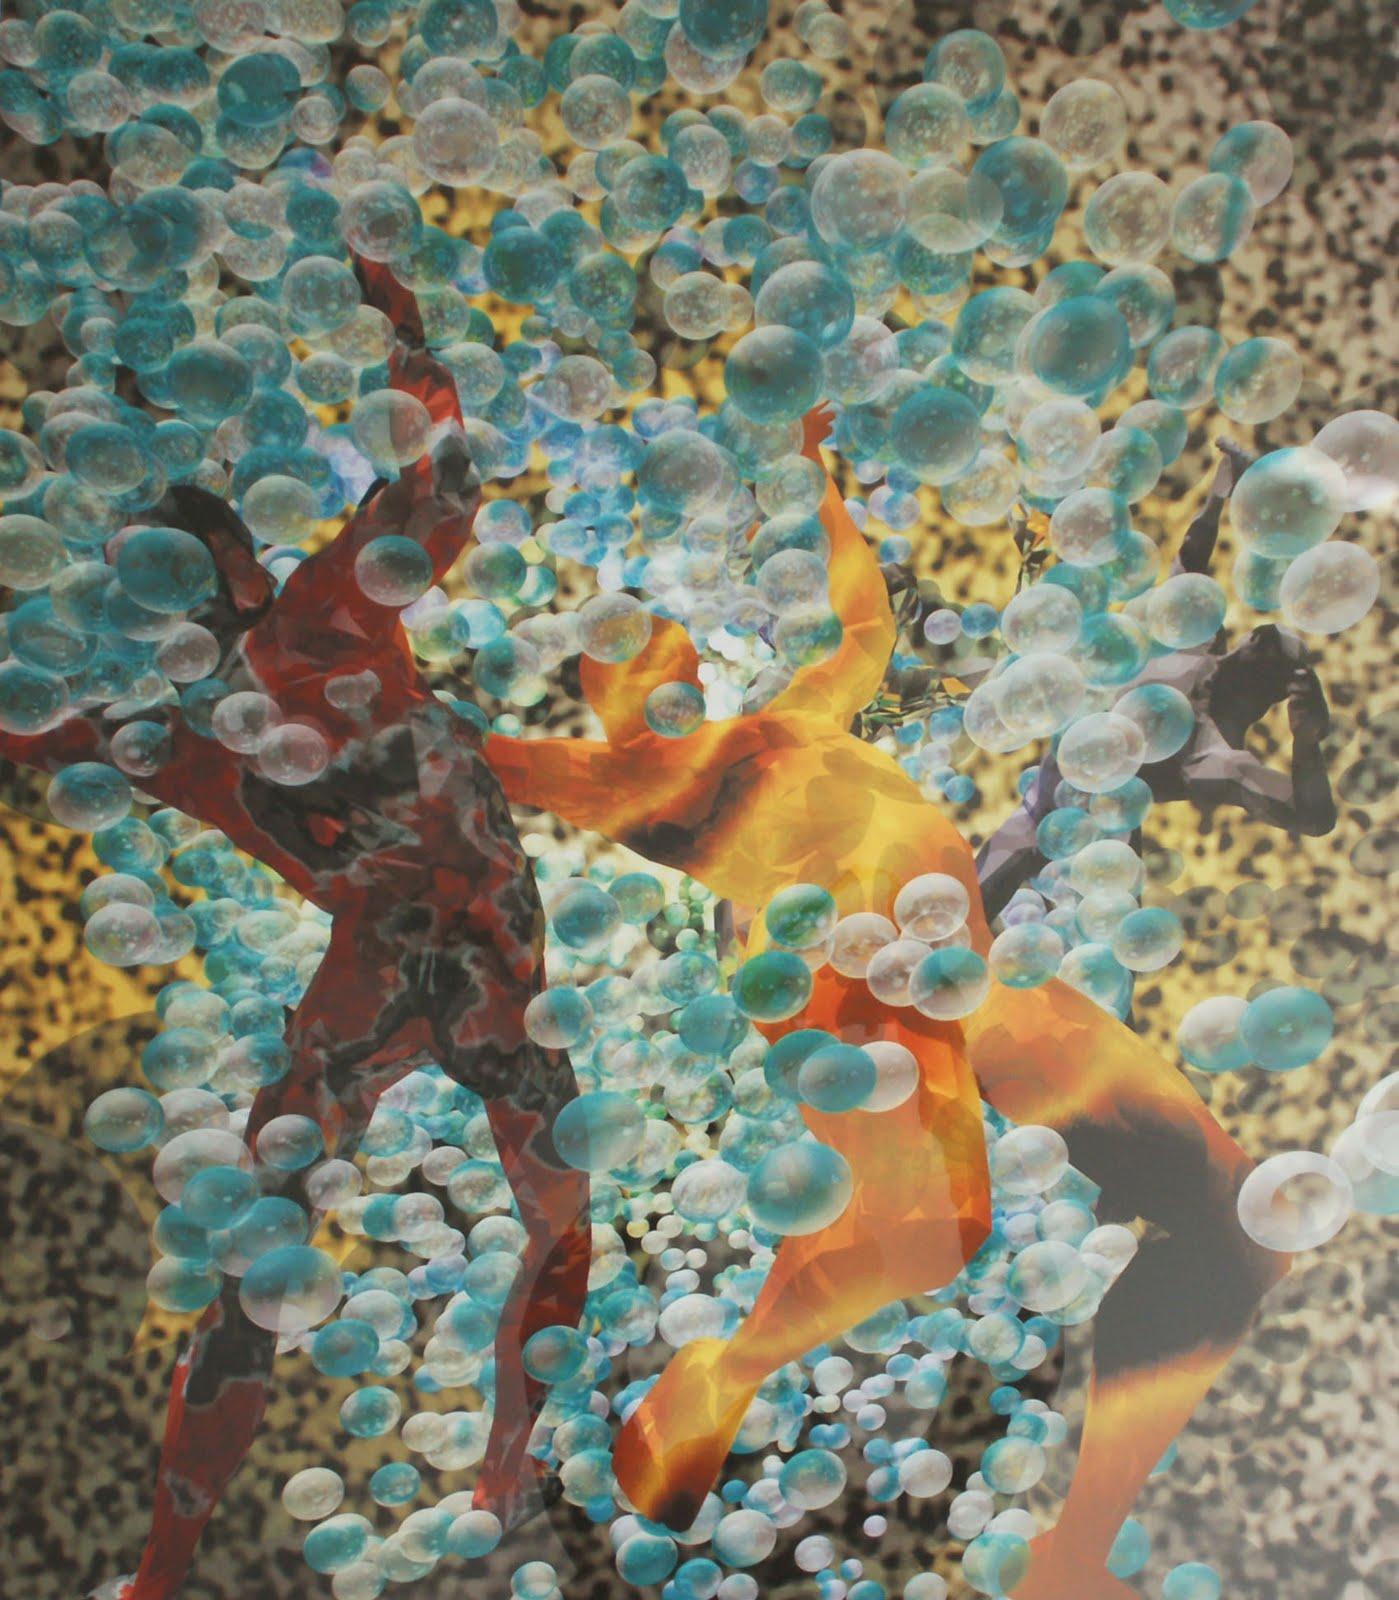 Collage Aesthetic ~ ART:Jamaica